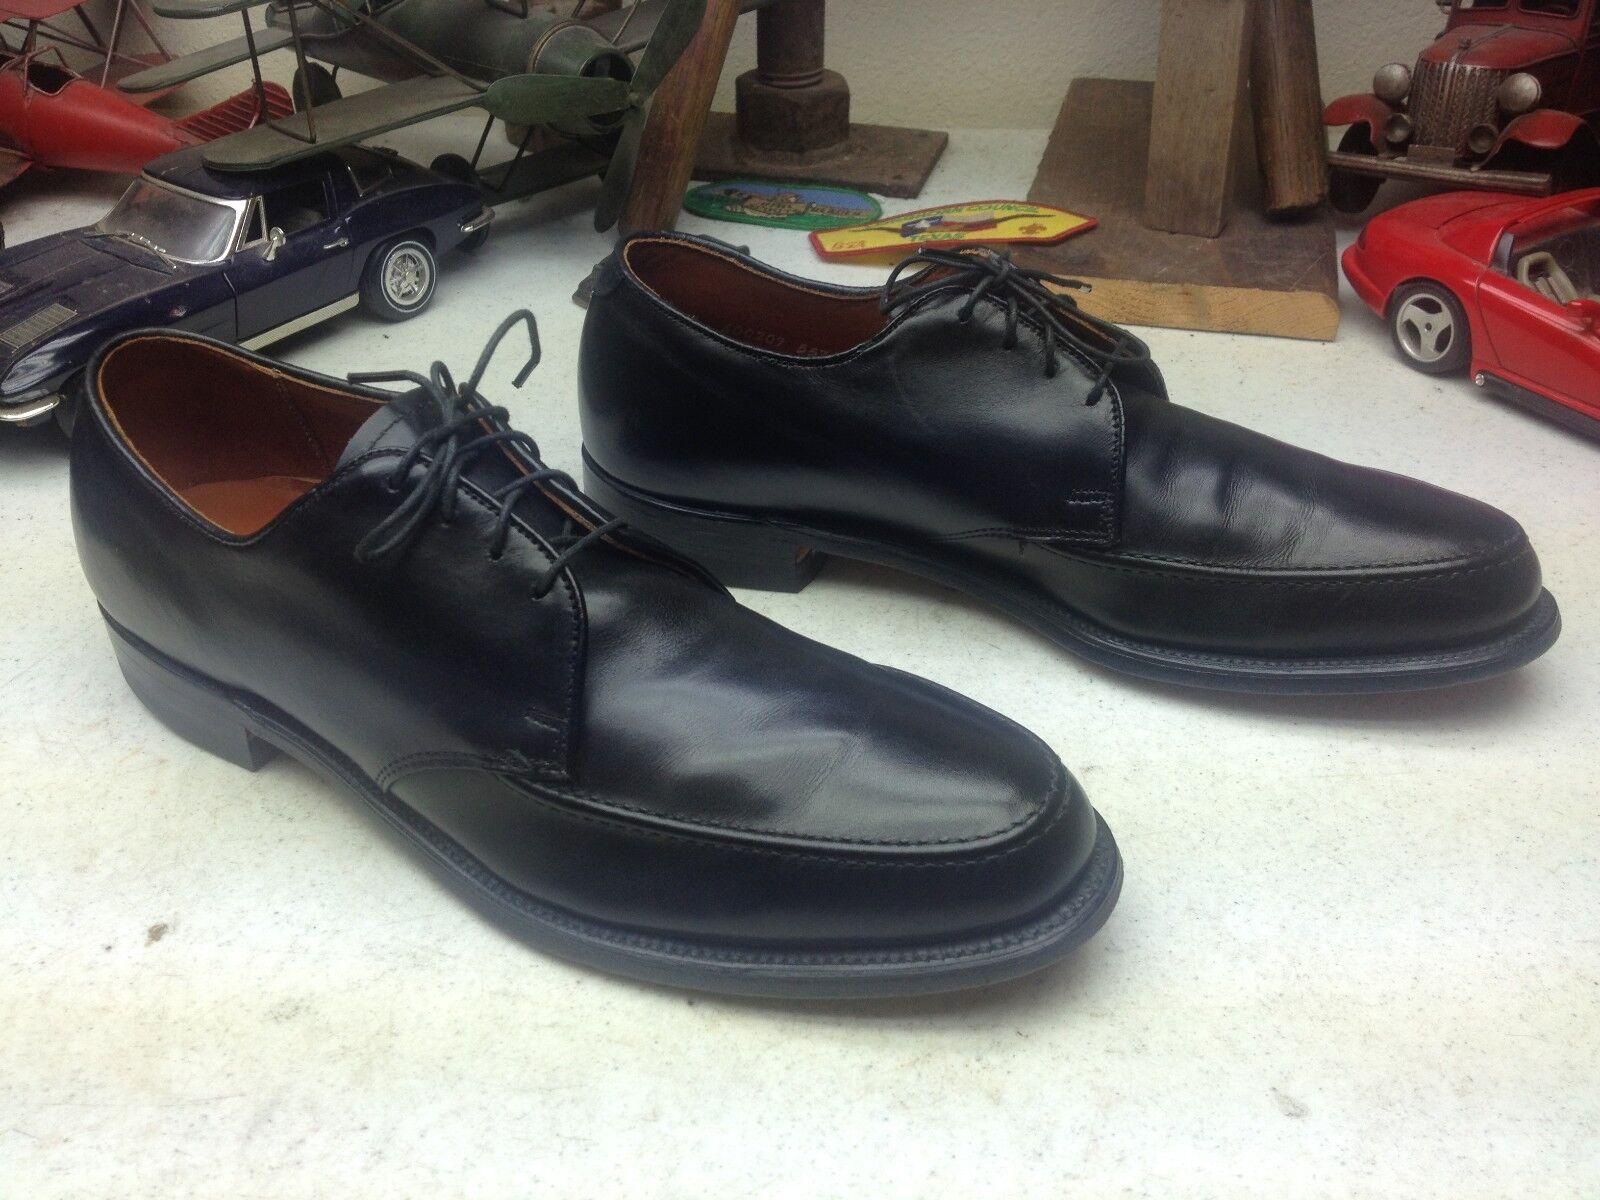 E.T. Wright Negro Cuero Con Cordones Hecho en EE. UU. Negocios Zapatos de alimentación sábado 9 a